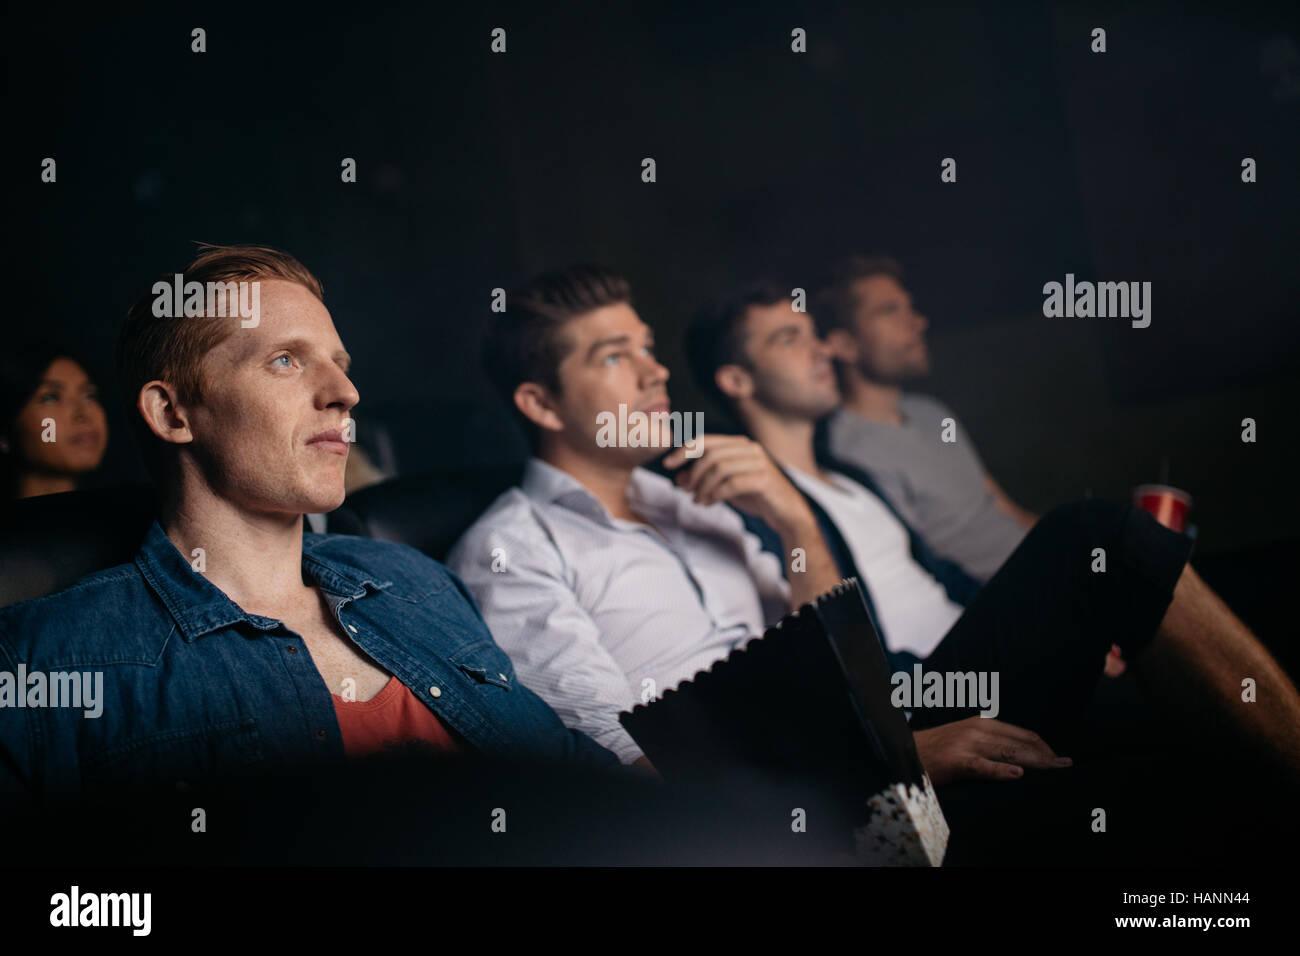 Gruppe von Menschen sitzen in multiplex-Kino. Junge Freunde Film im Kinosaal. Stockbild